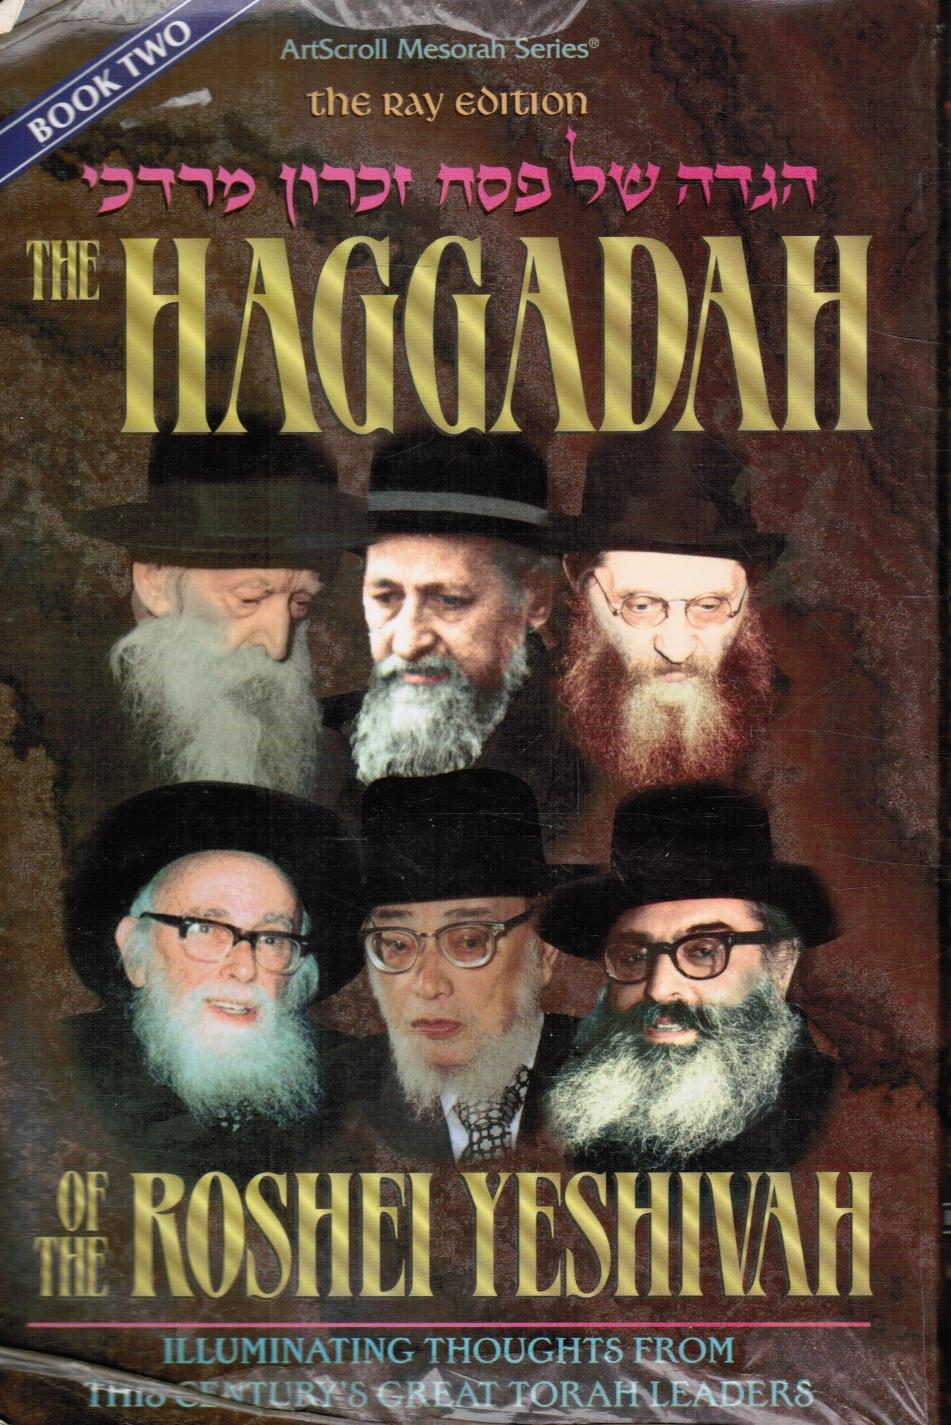 Image for Haggadah of the Roshei Yeshiva : Book 2